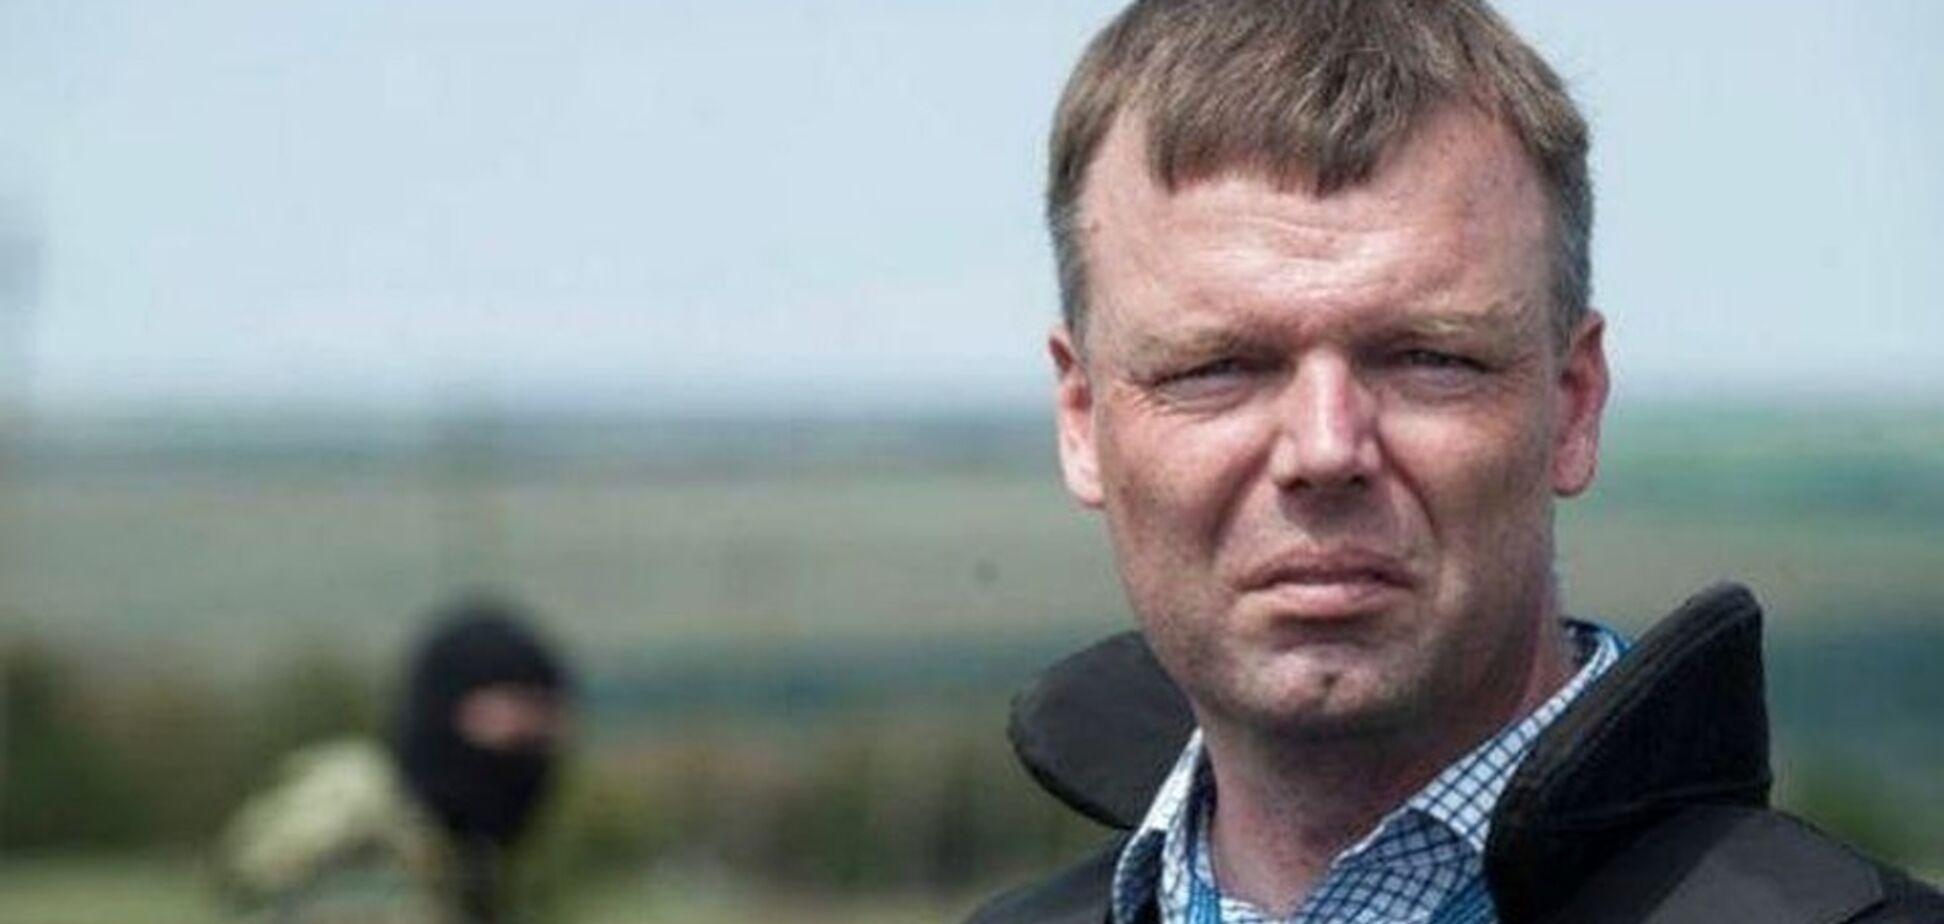 Хуг іде у відставку: стало відомо, хто замінить заступника голови ОБСЄ в Україні